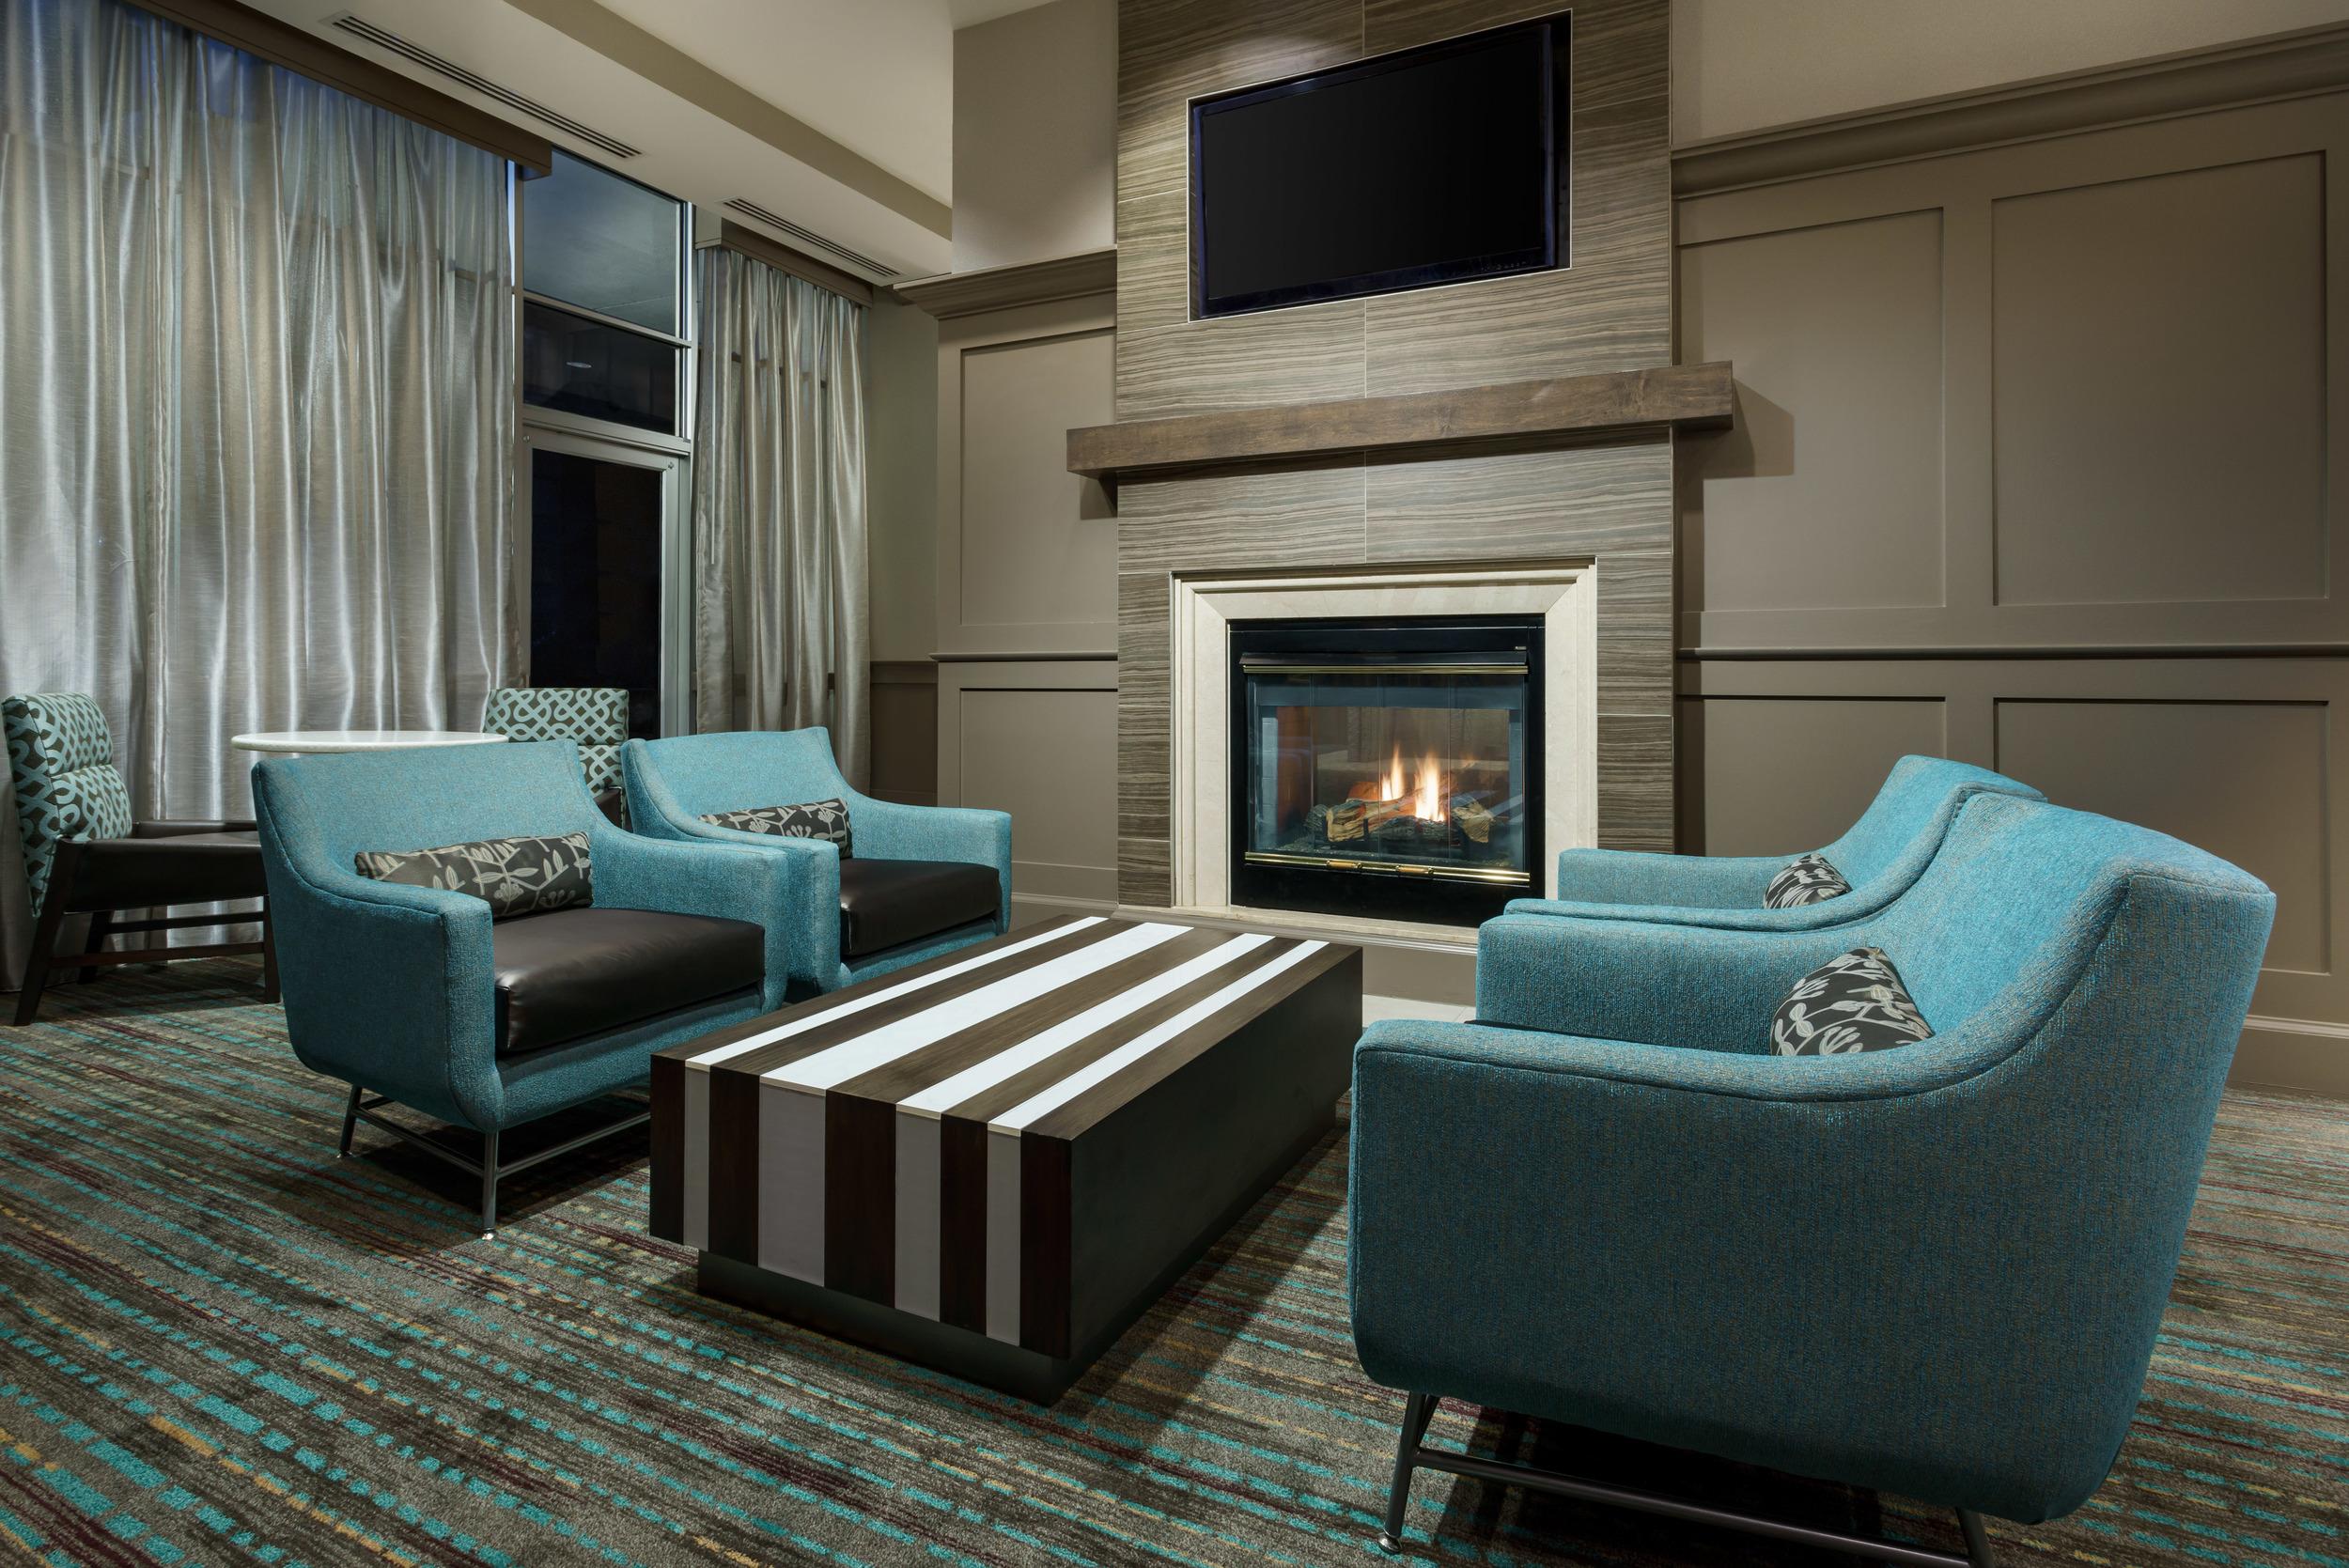 8/Residence Inn by Marriot